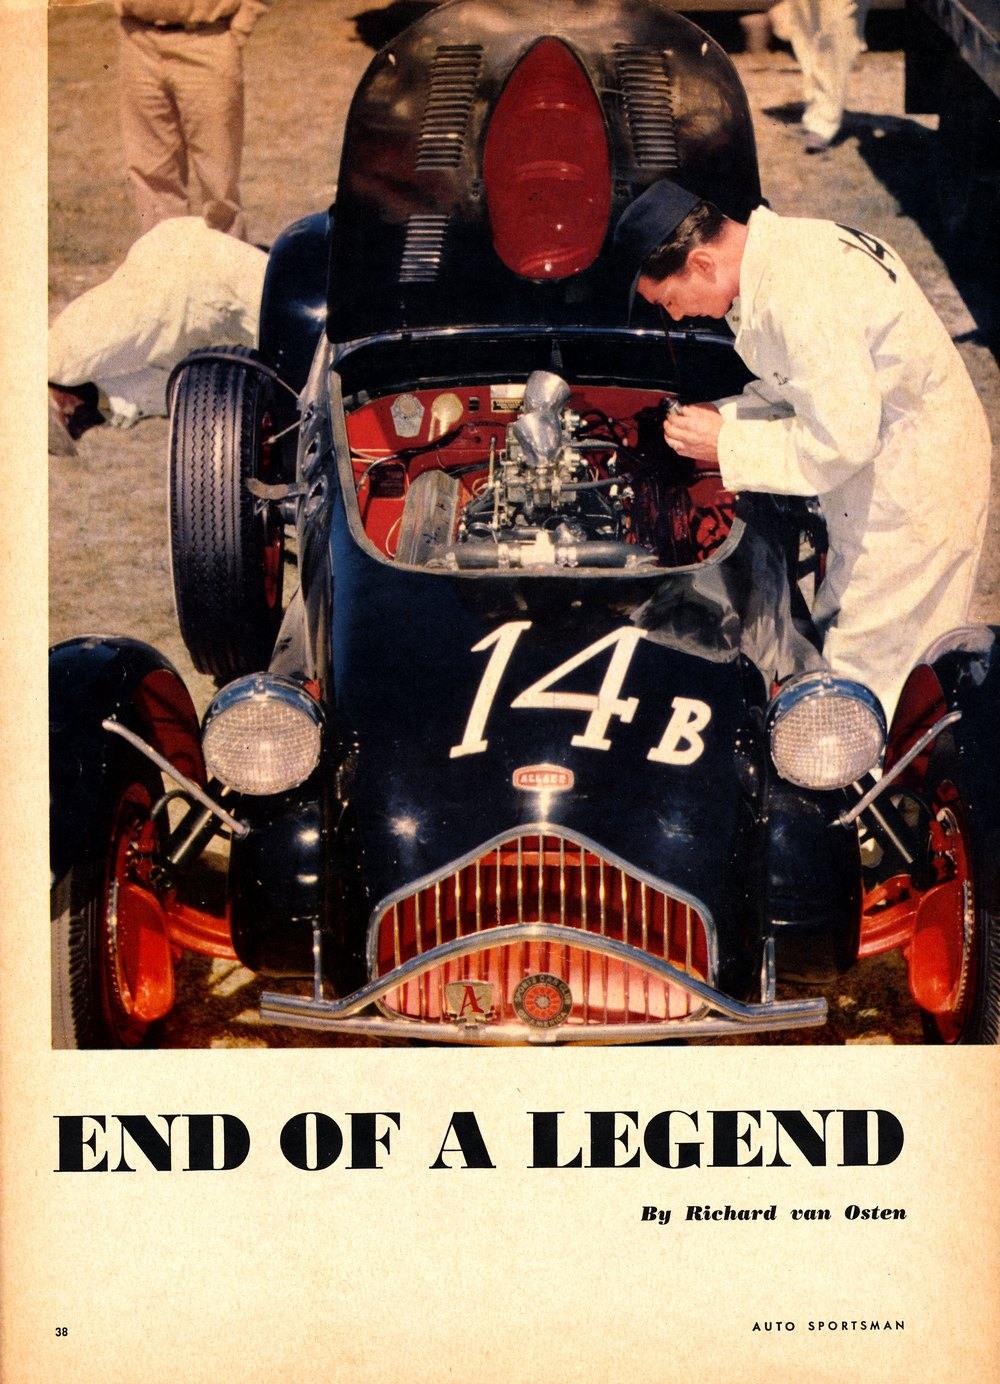 Auto Sportsman, August 1953